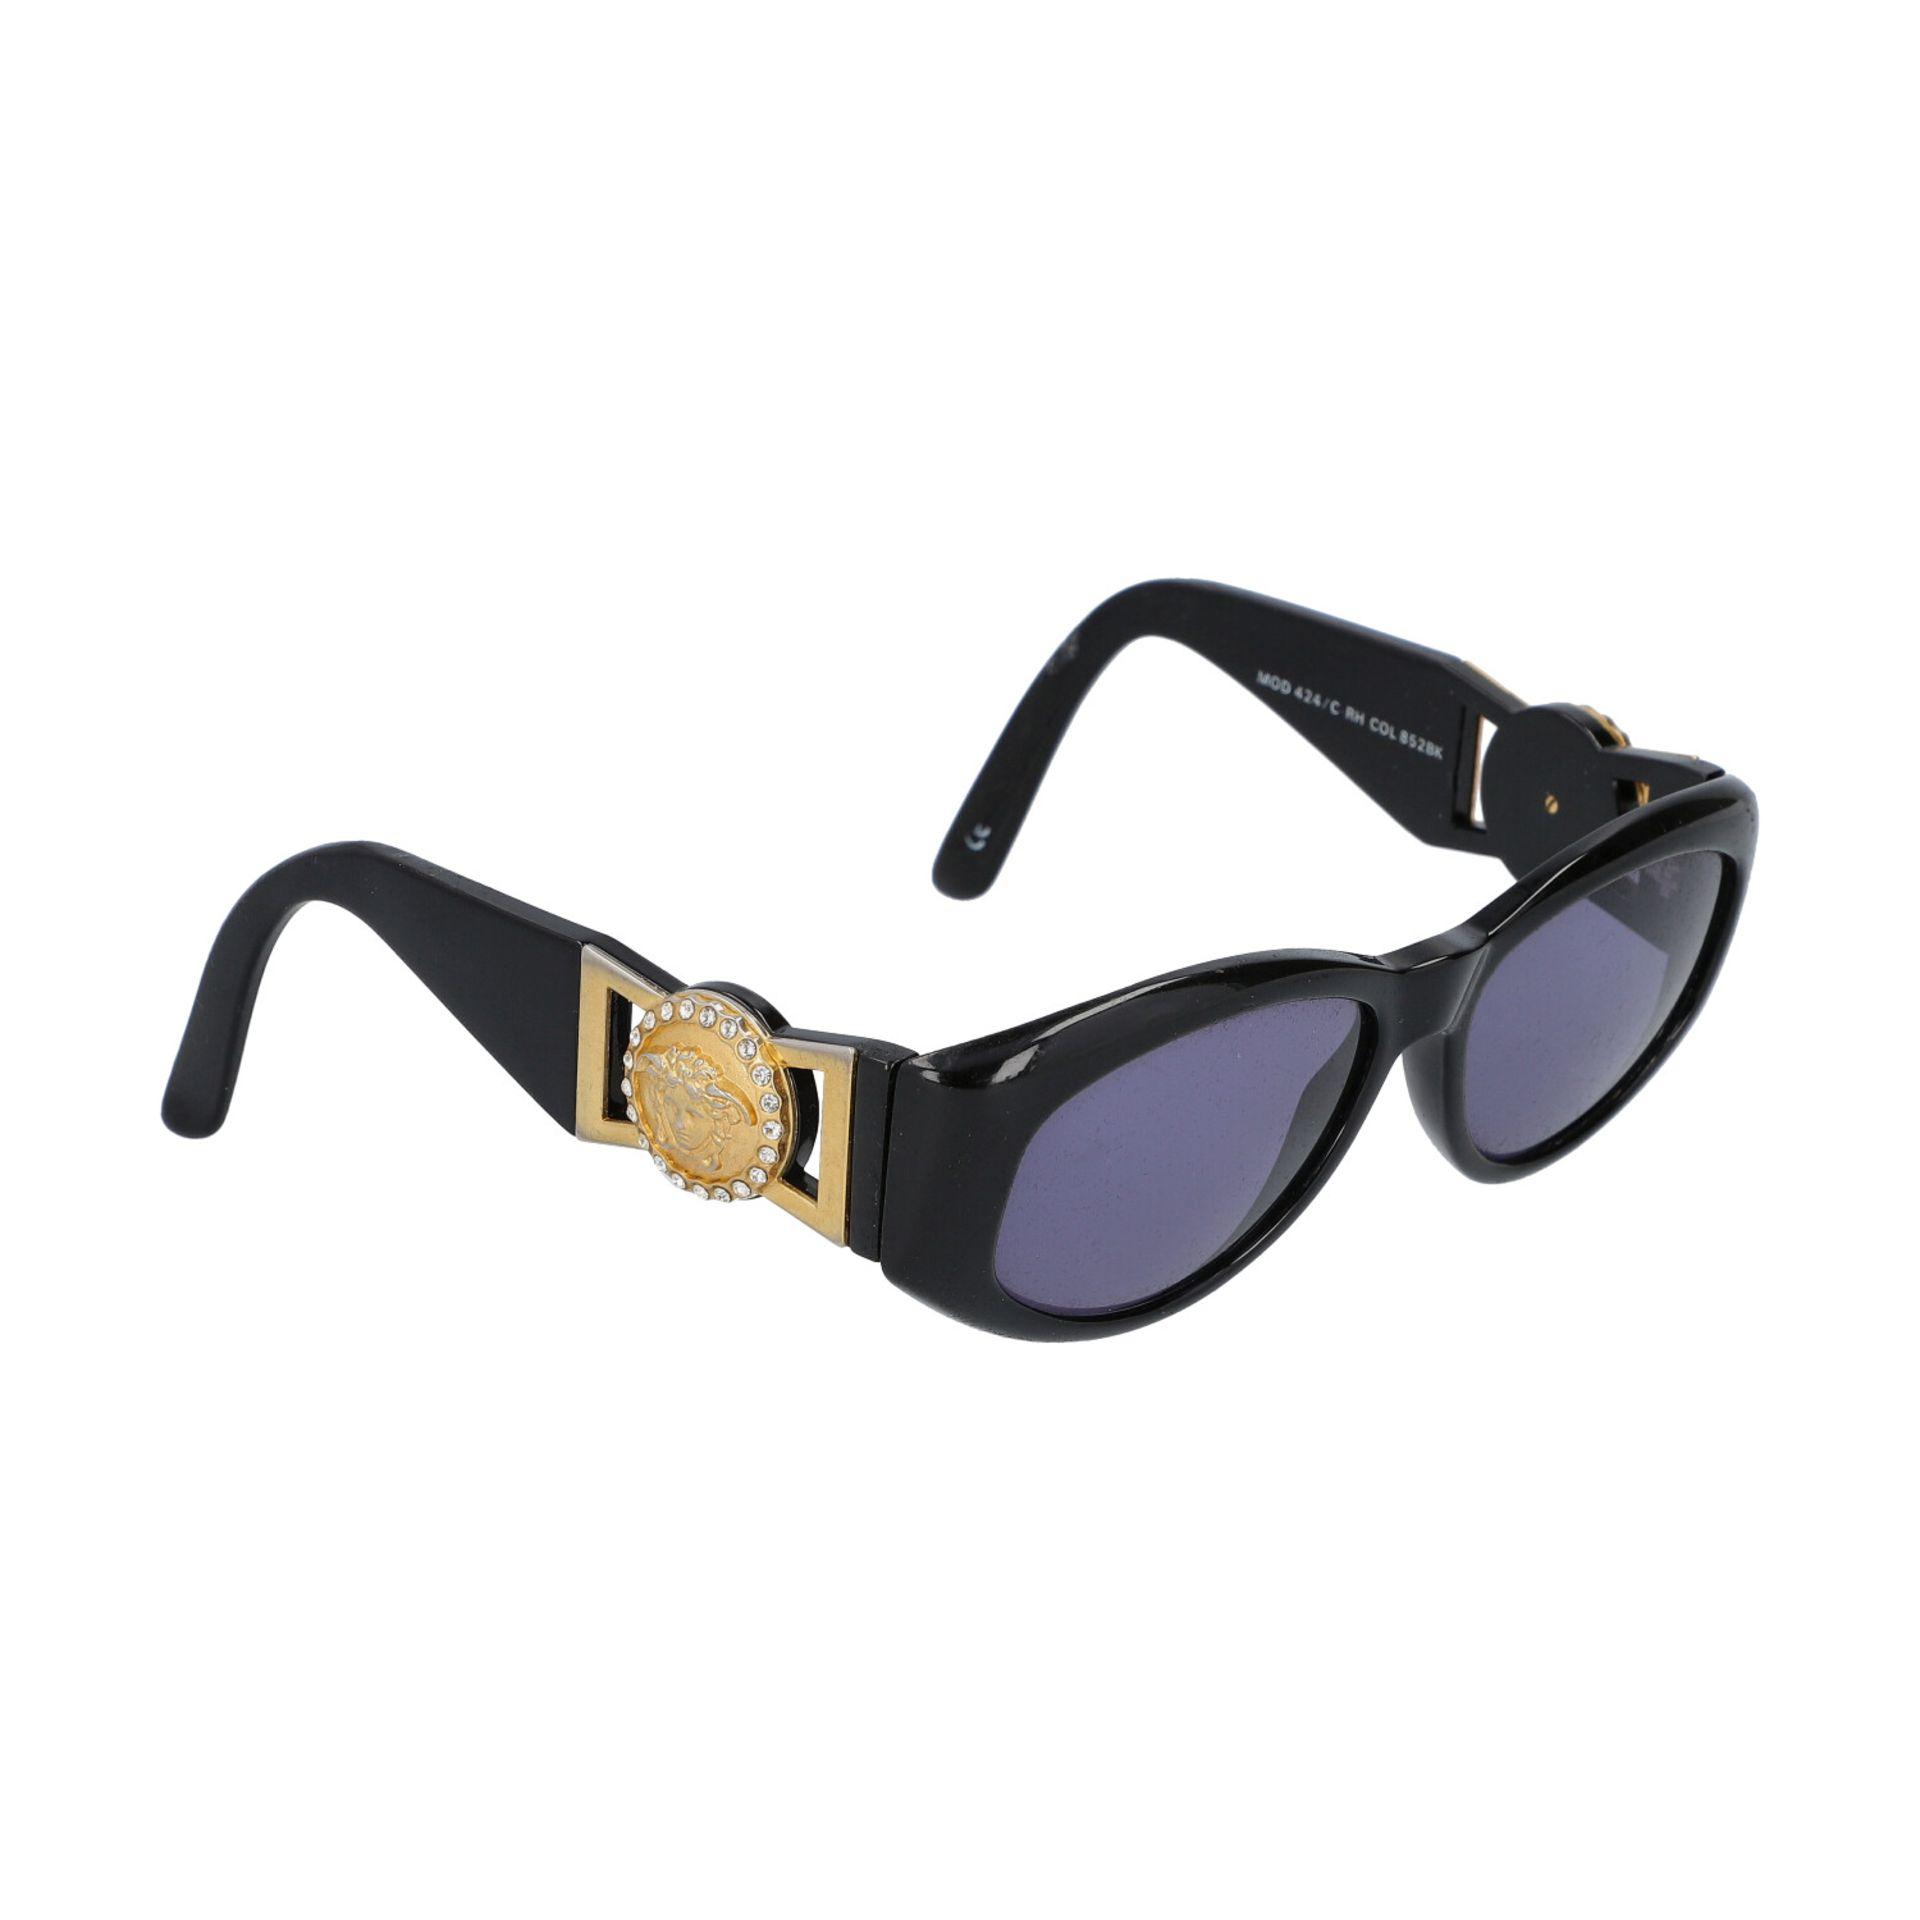 """GIANNI VERSACE VINTAGE Sonnenbrille """"MOD 424/C COL.852"""".Kunststoffgestell in Schwarz mit dekorativen - Bild 2 aus 4"""